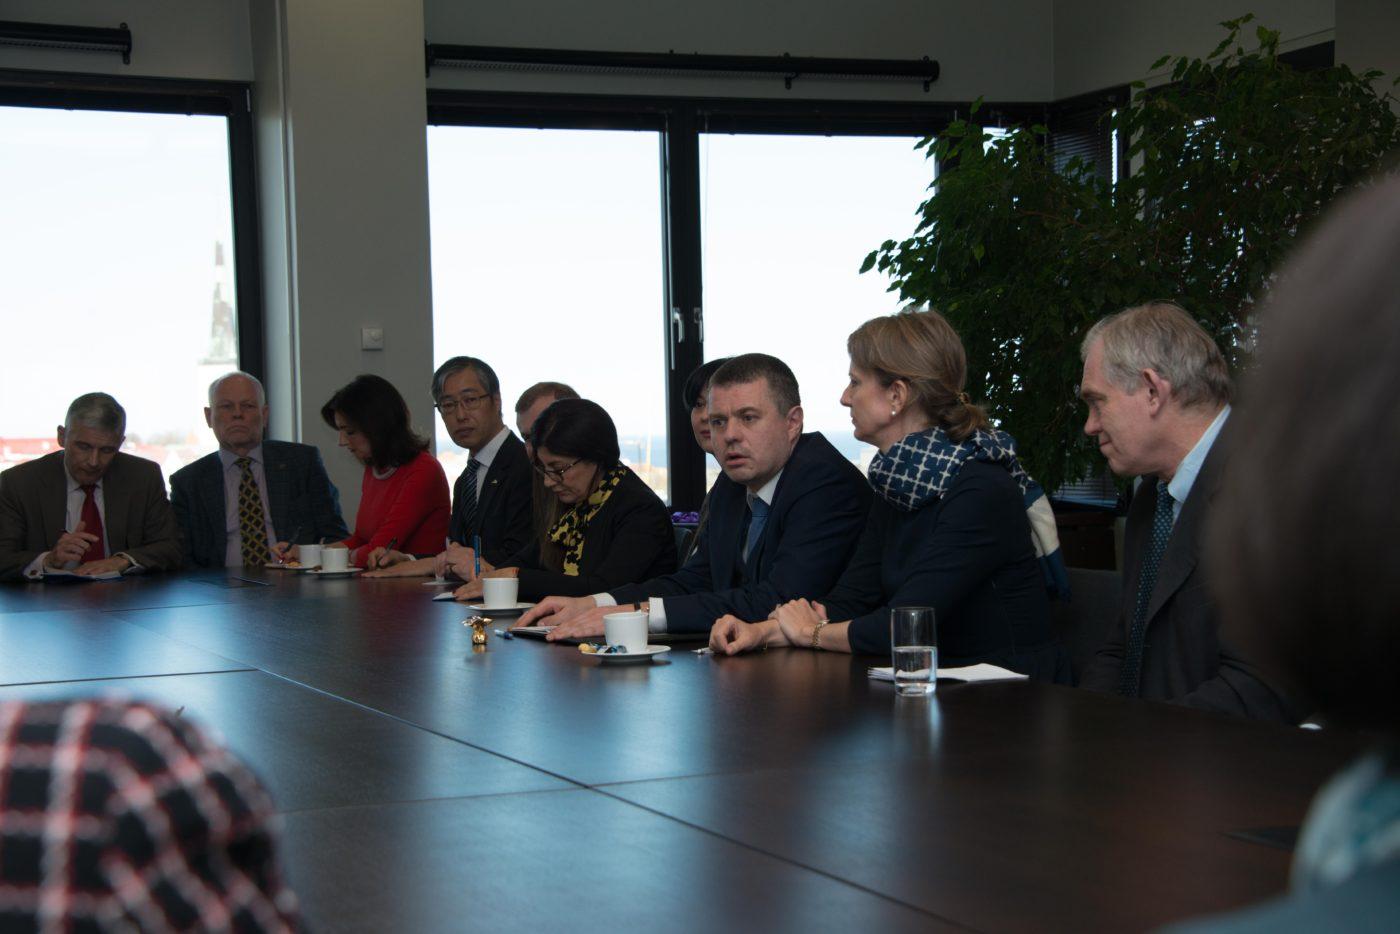 Välisminister Urmas Reinsalu tutvus Eestis resideeruvate suursaadikutega